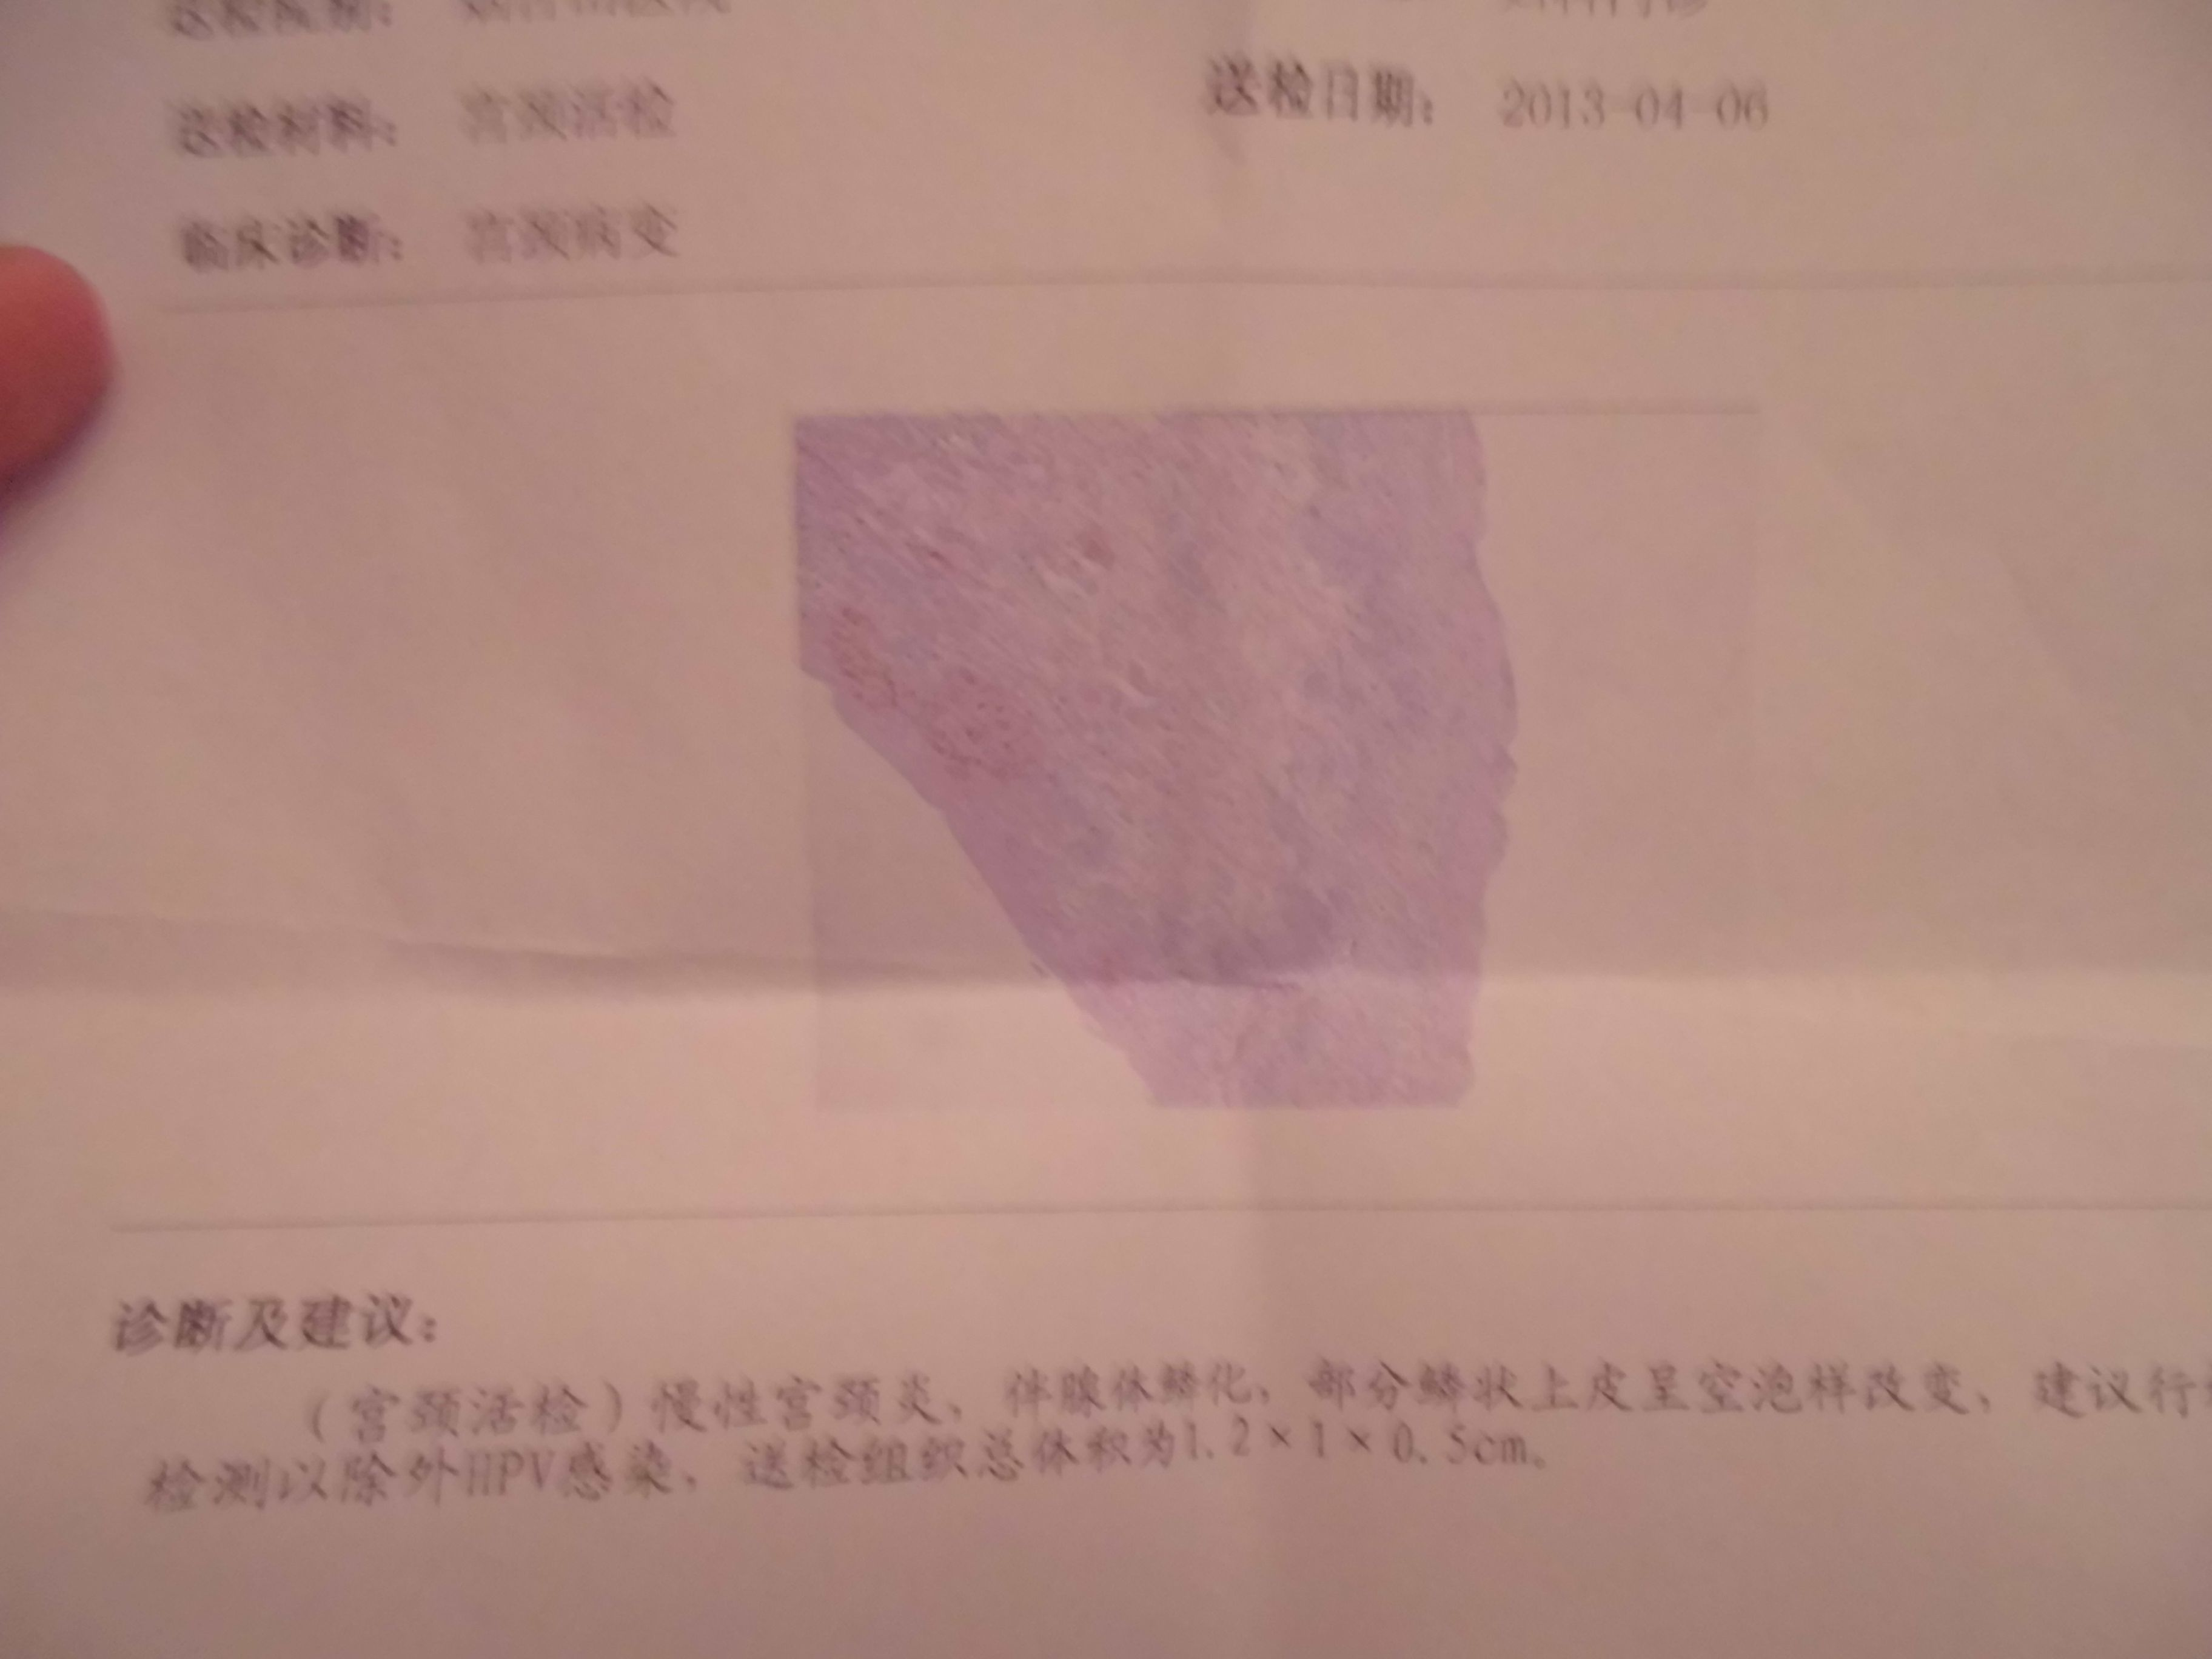 慢性宫颈炎hpv感染_急!(宫颈活检)慢性宫颈炎。半腺体磷化,部分鳞状上皮呈空 ...